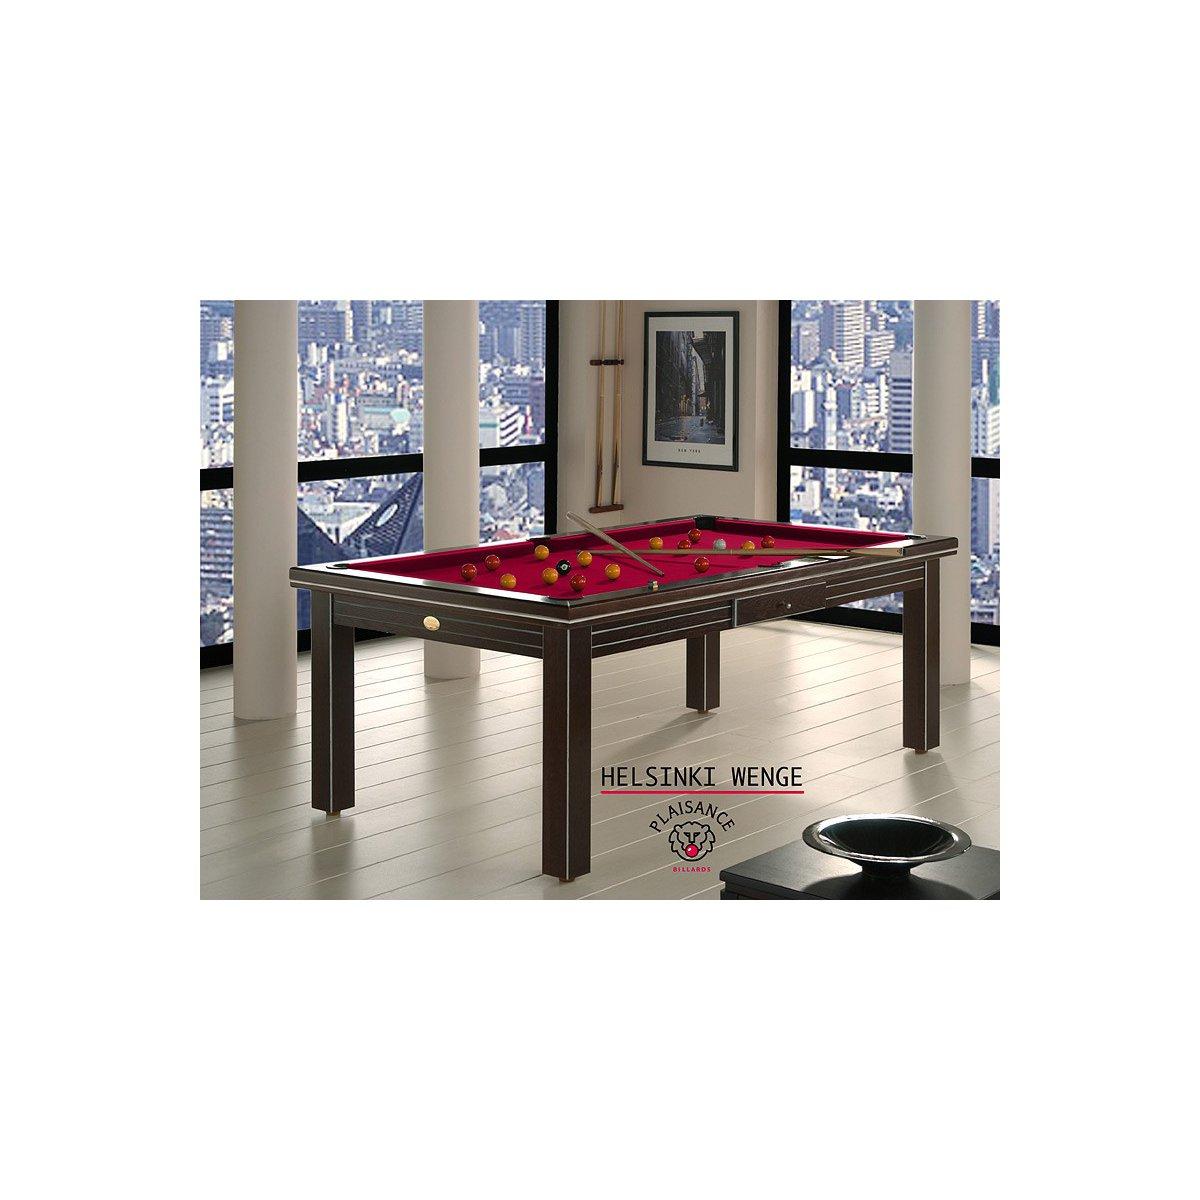 billard de luxe  table helsinki wenge